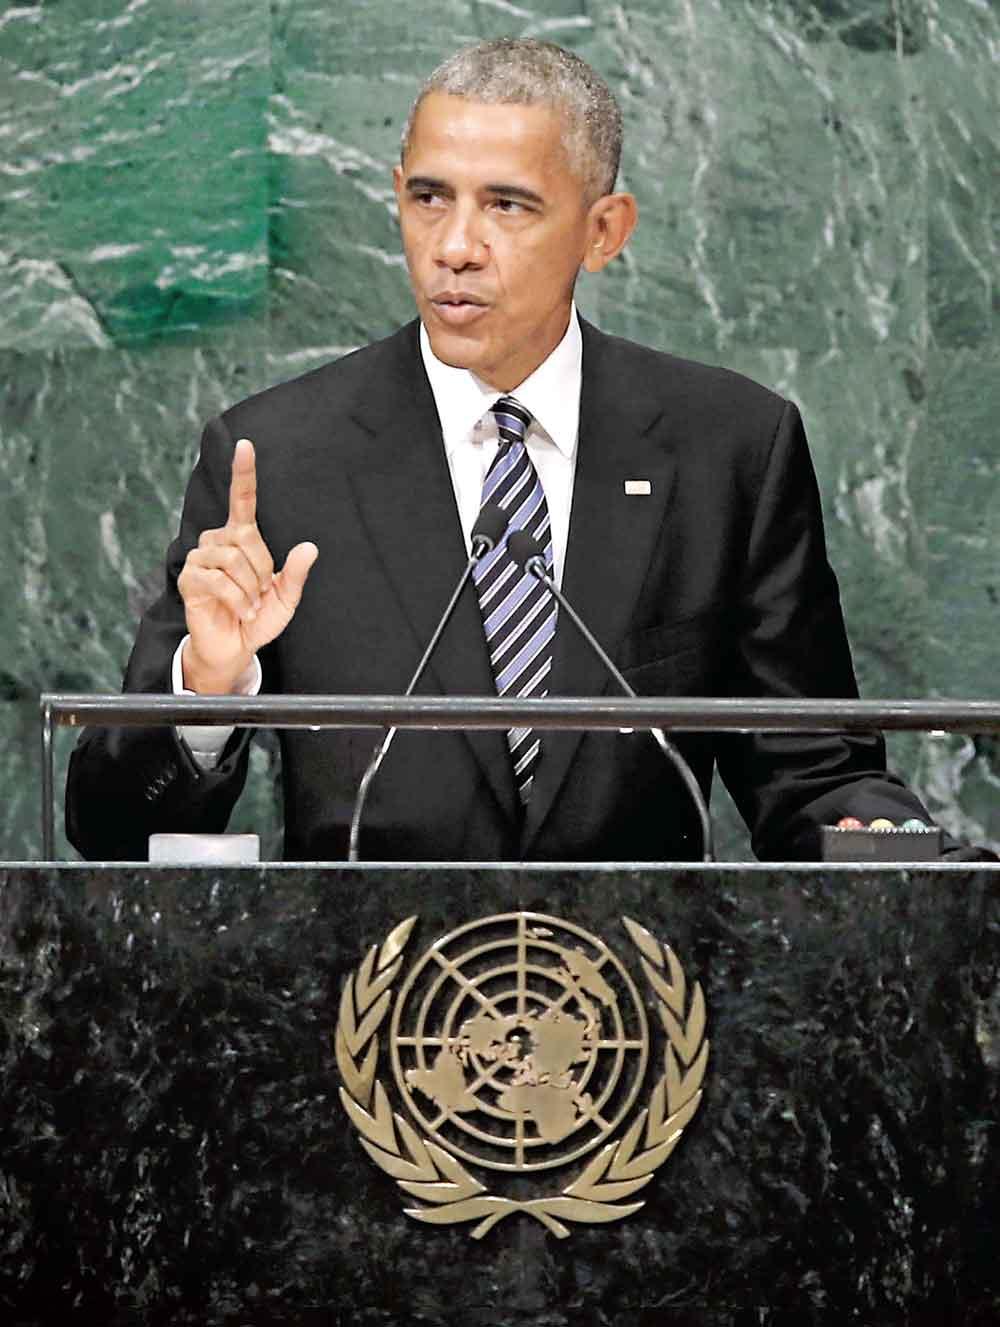 Hacer muros es aislarse: Obama; se despide de la ONU